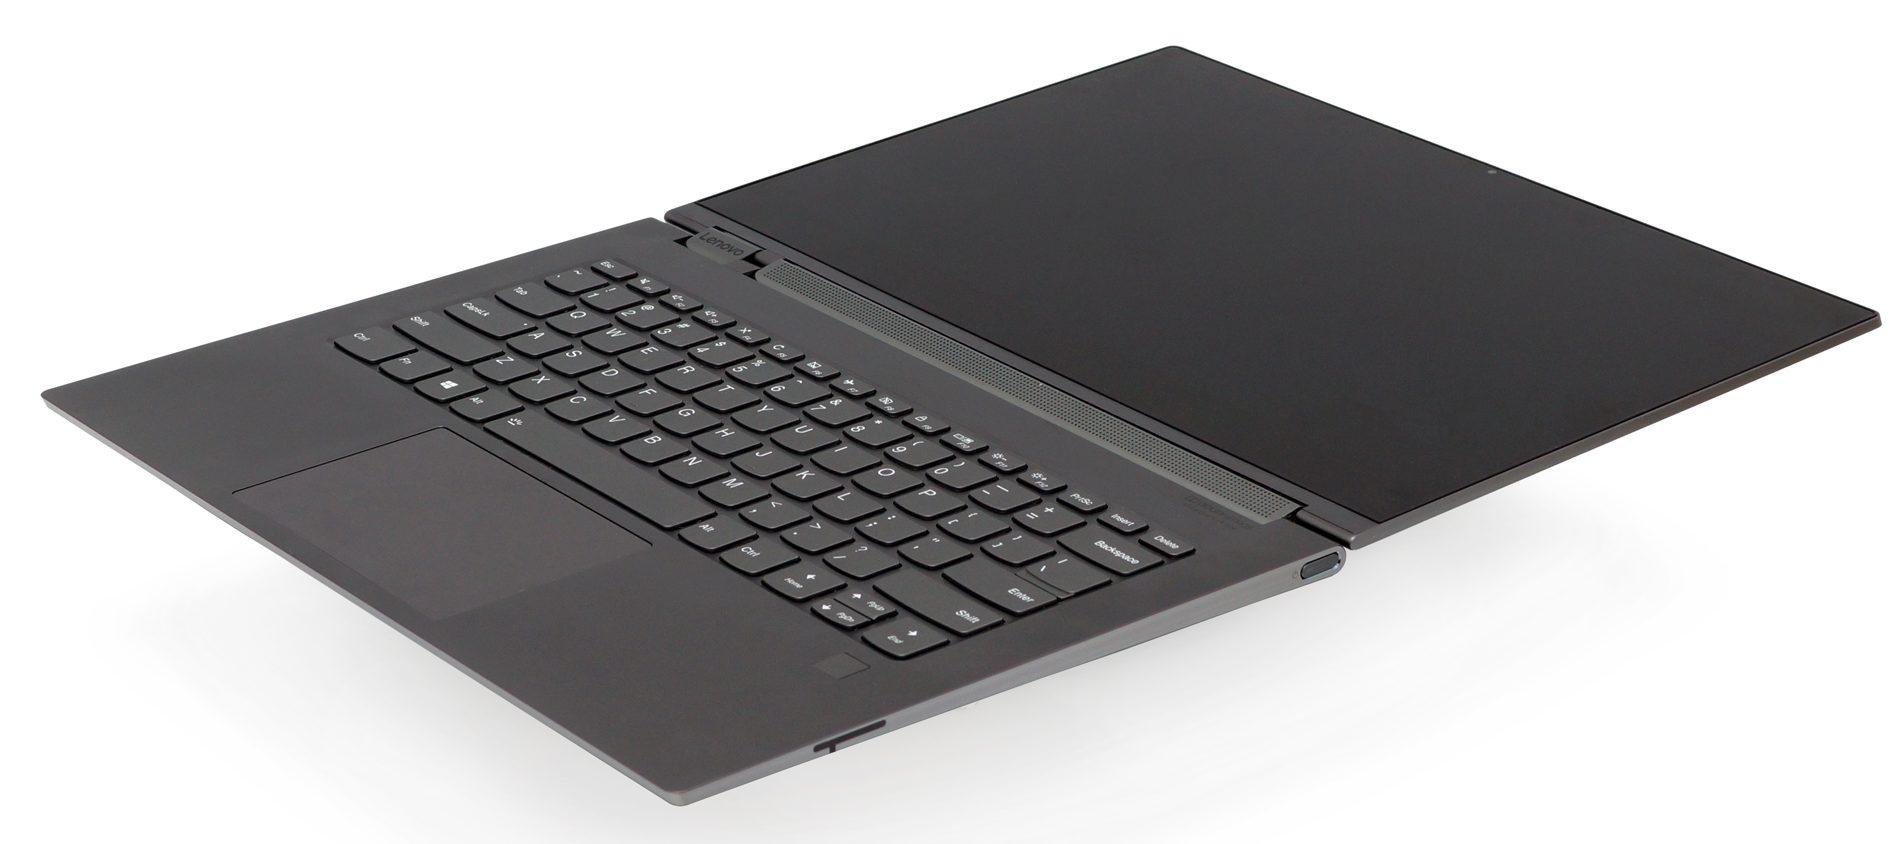 Lenovo Yoga C930 review – a premium 2-in-1 companion